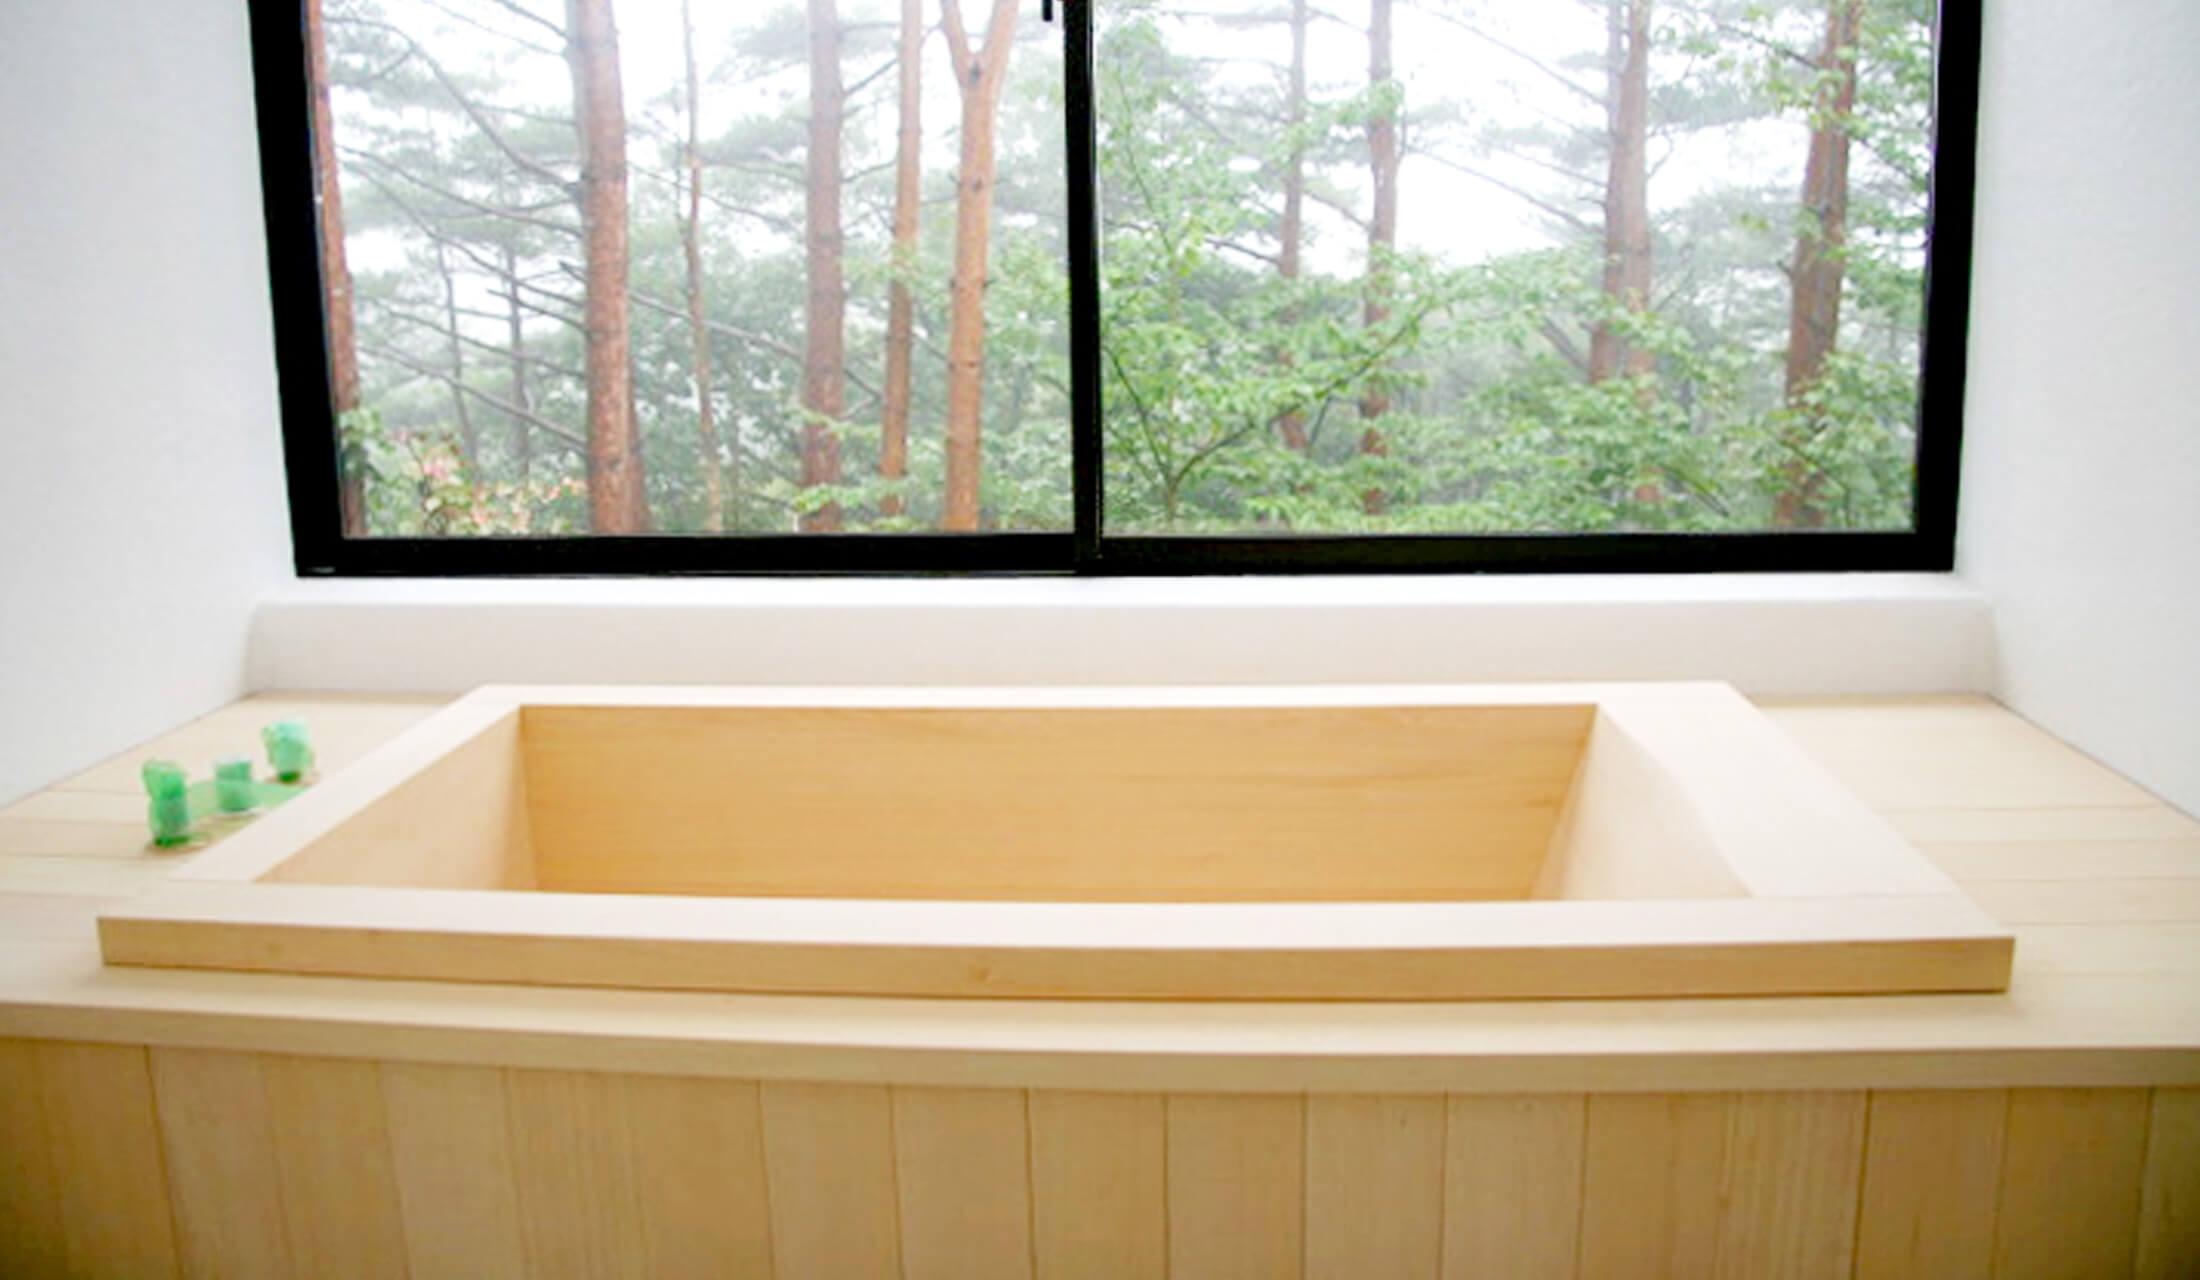 エステック アソシエイツが施工した個人宅に設置された国産のヒノキ風呂。窓の外は、森林が広がっている。